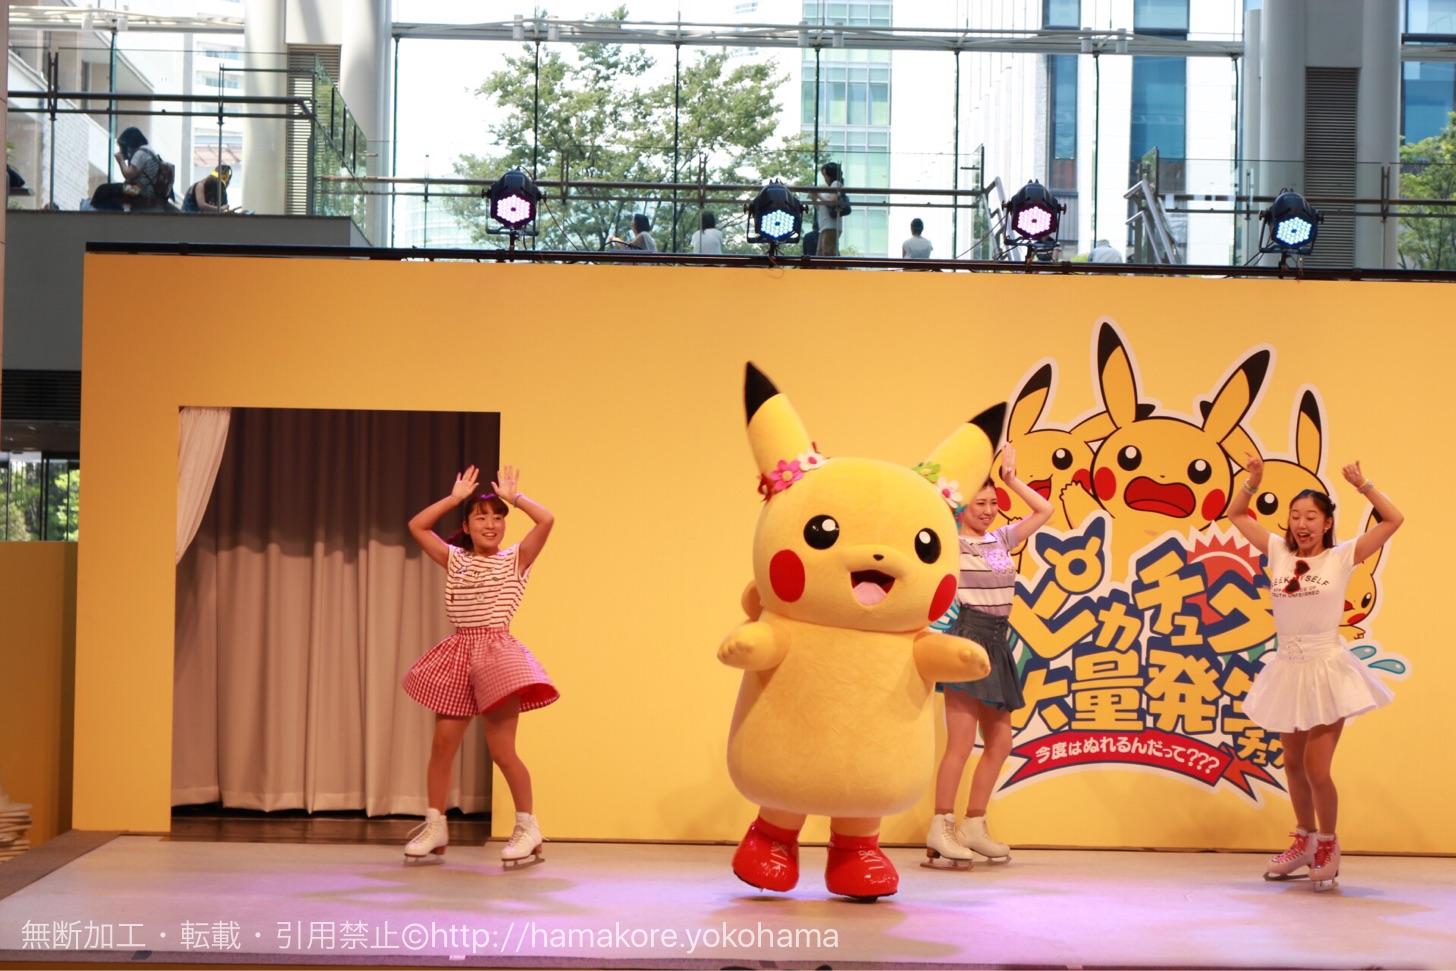 ピカチュウのステージショー「スマイル!スマイル!スマイル!」で踊るピカチュウ